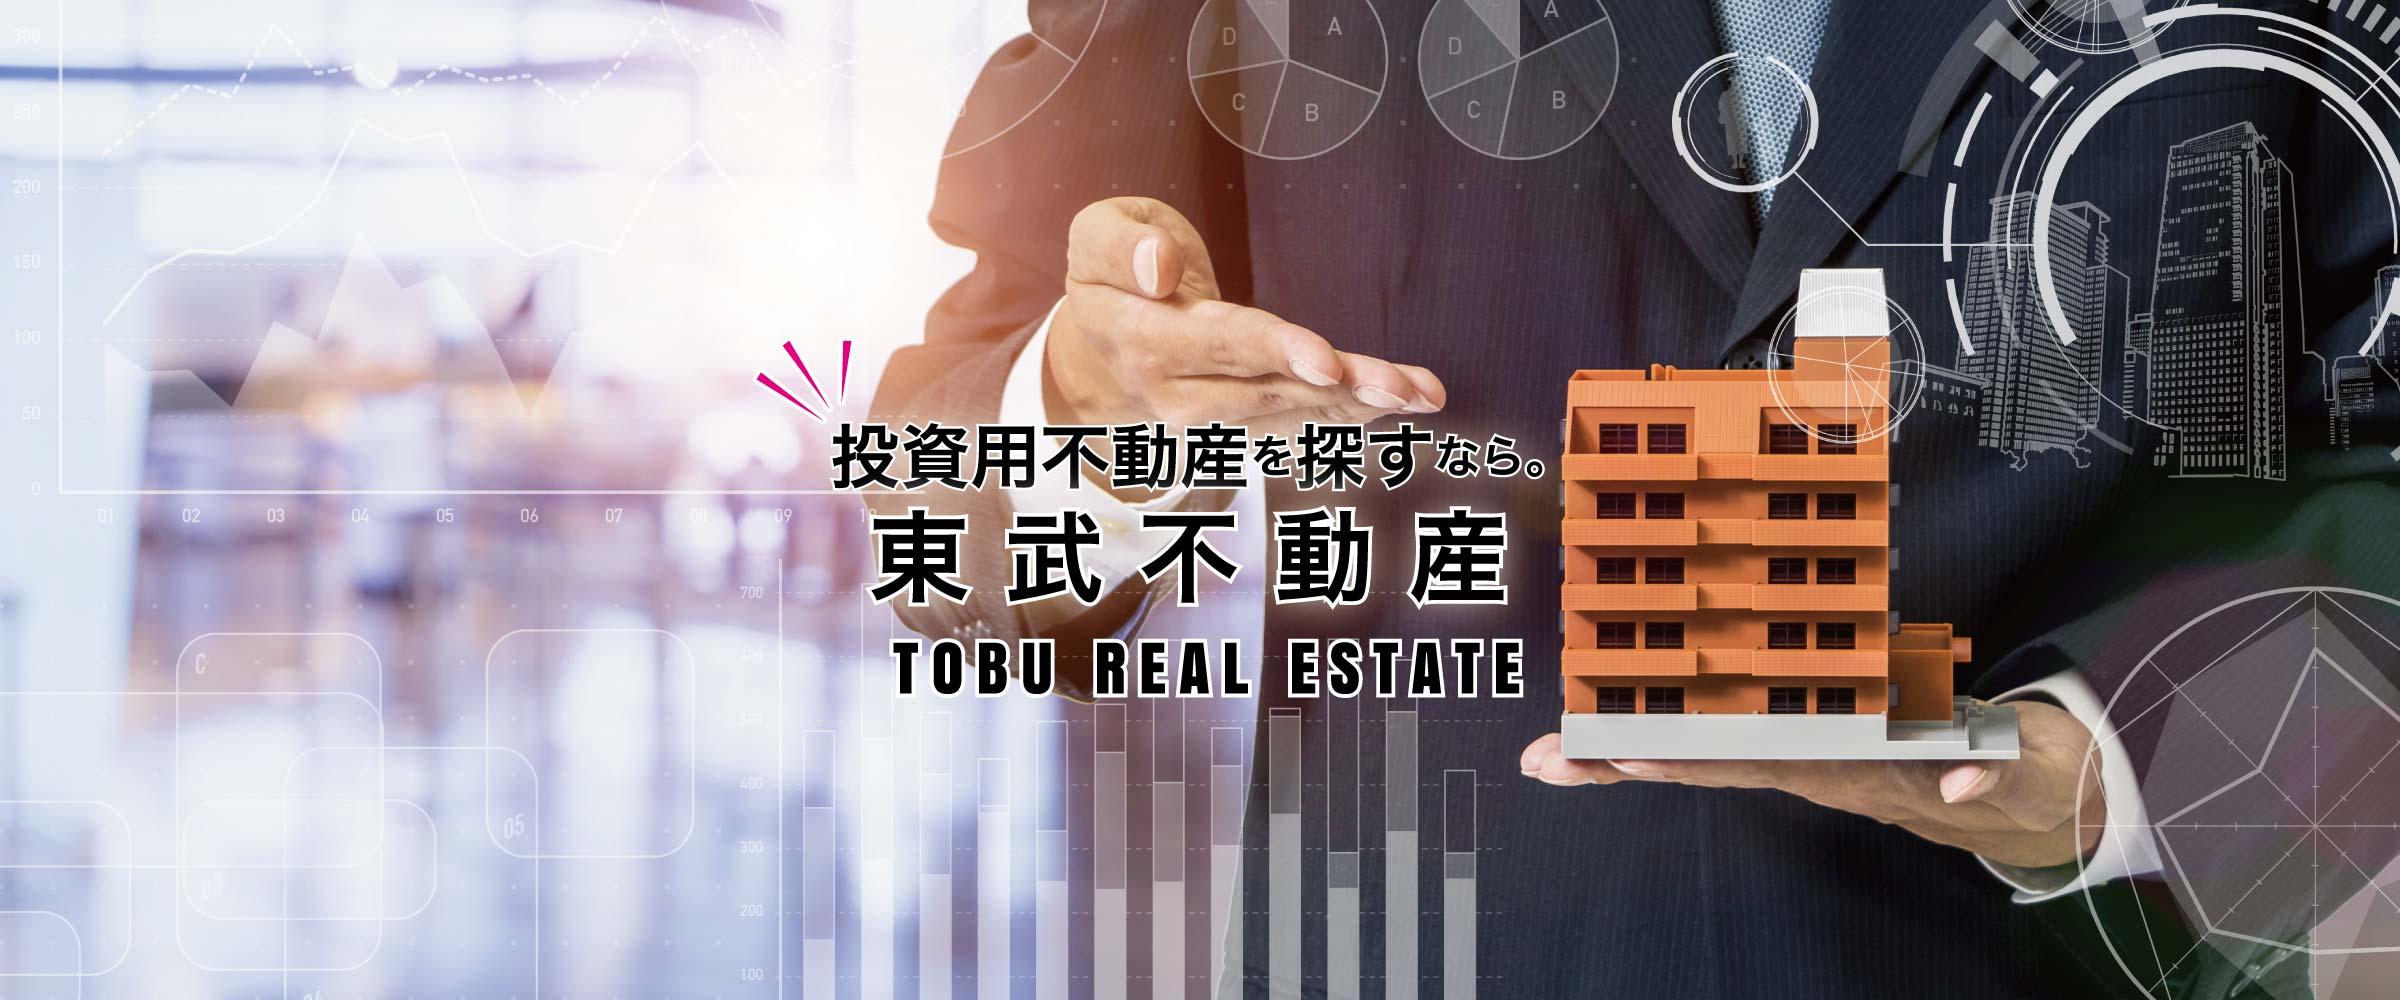 投資用不動産を探すなら。東武動産 TOBU REAL ESTATE